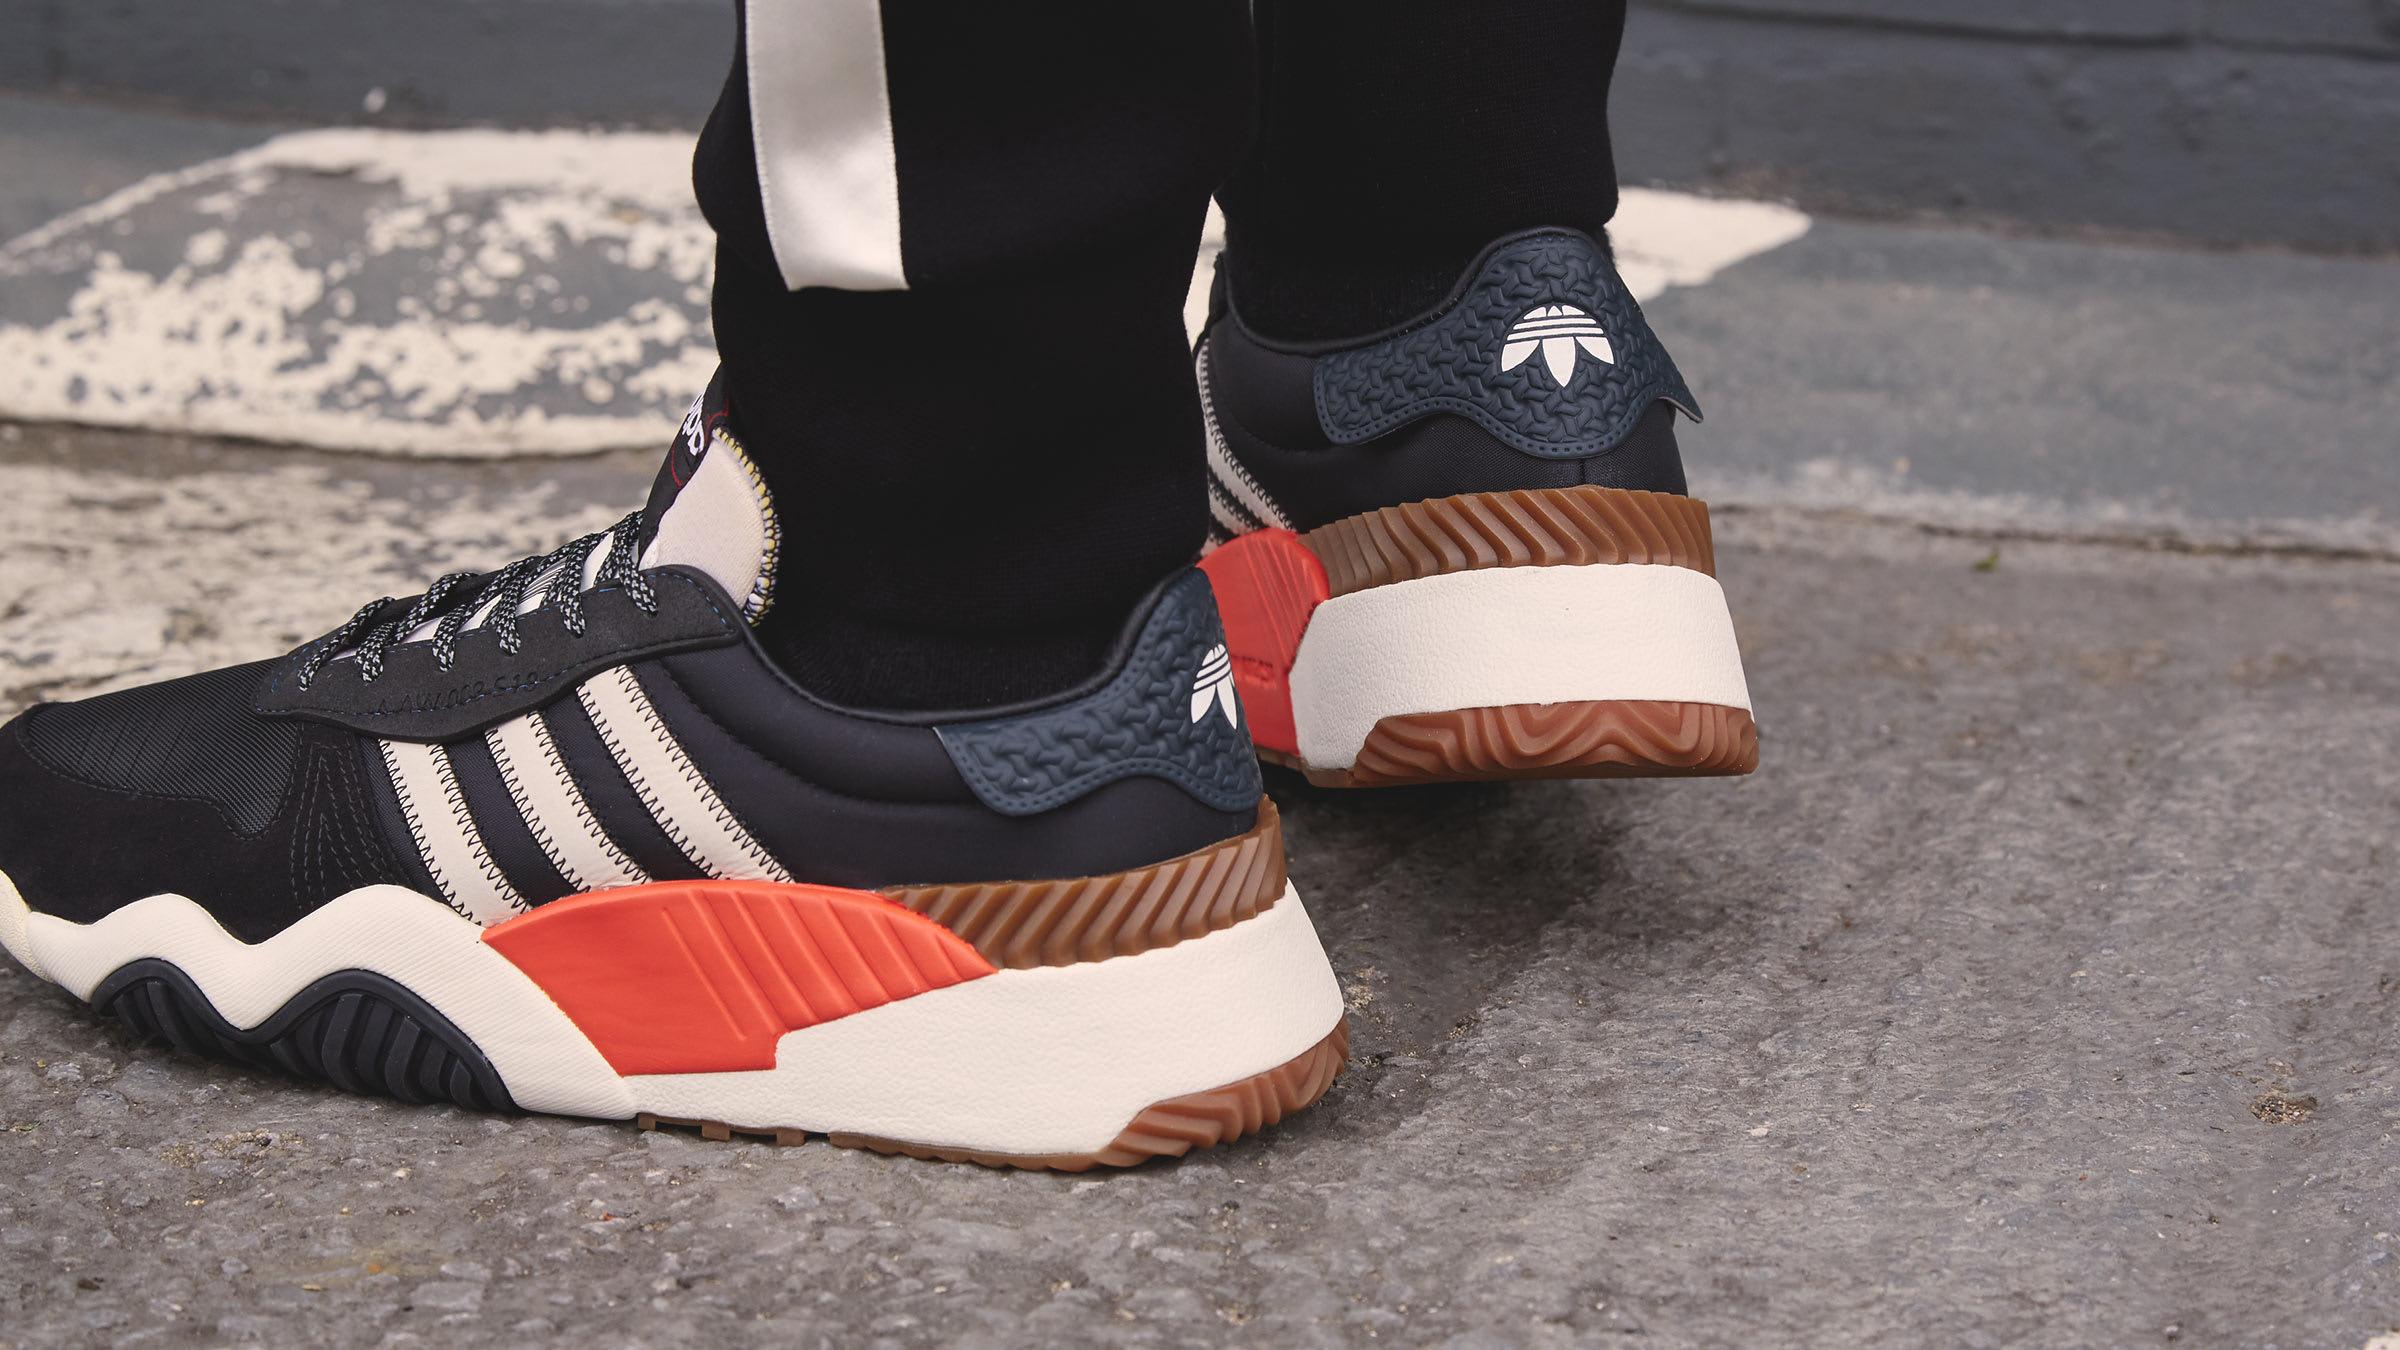 e346f825c639c Adidas Originals by Alexander Wang Trainer (Black